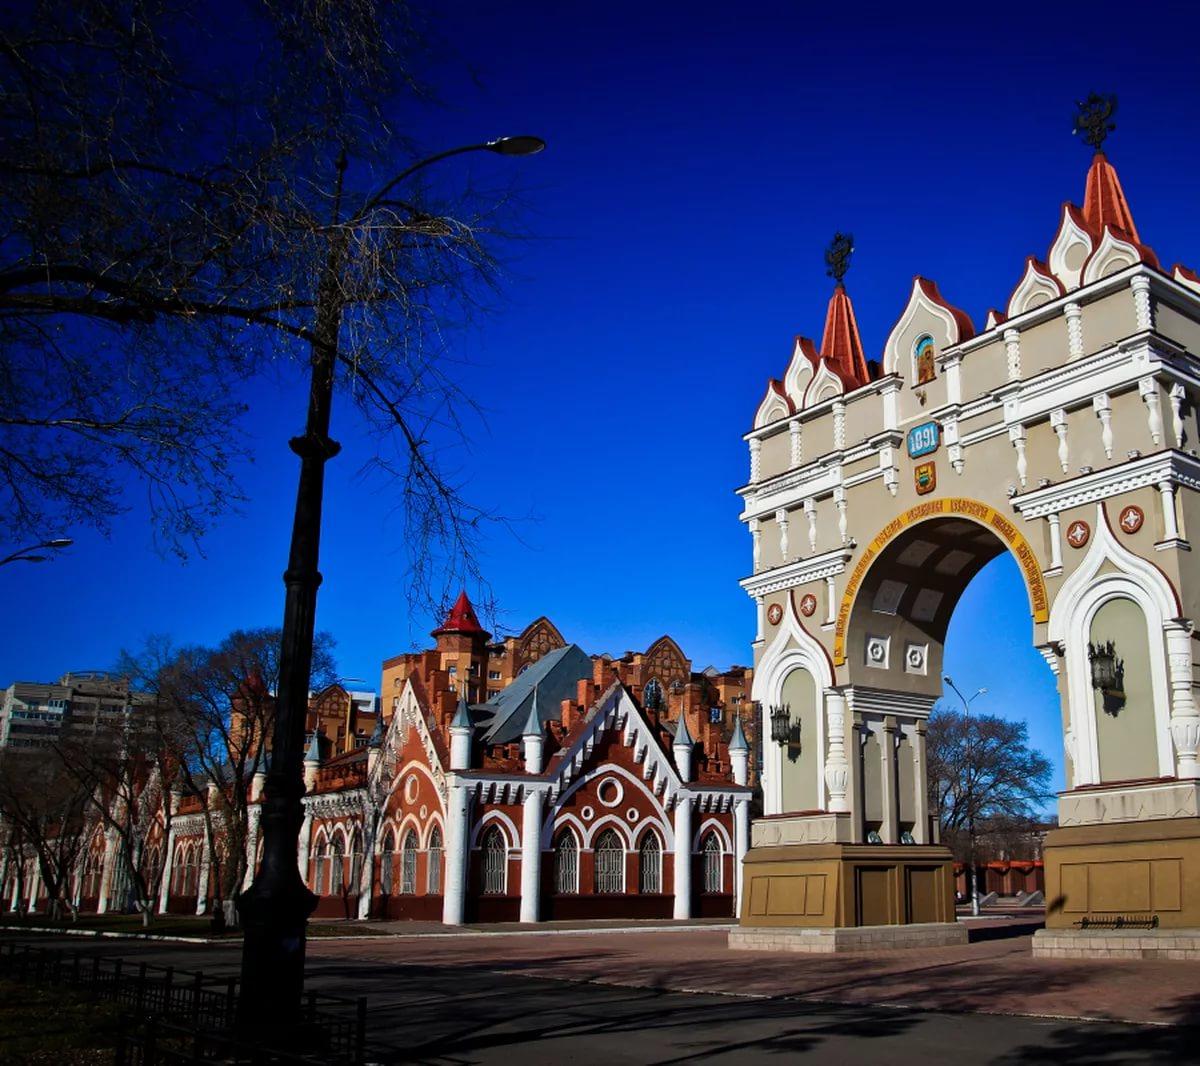 Триумфальная арка, Благовещенск (Амурская область)